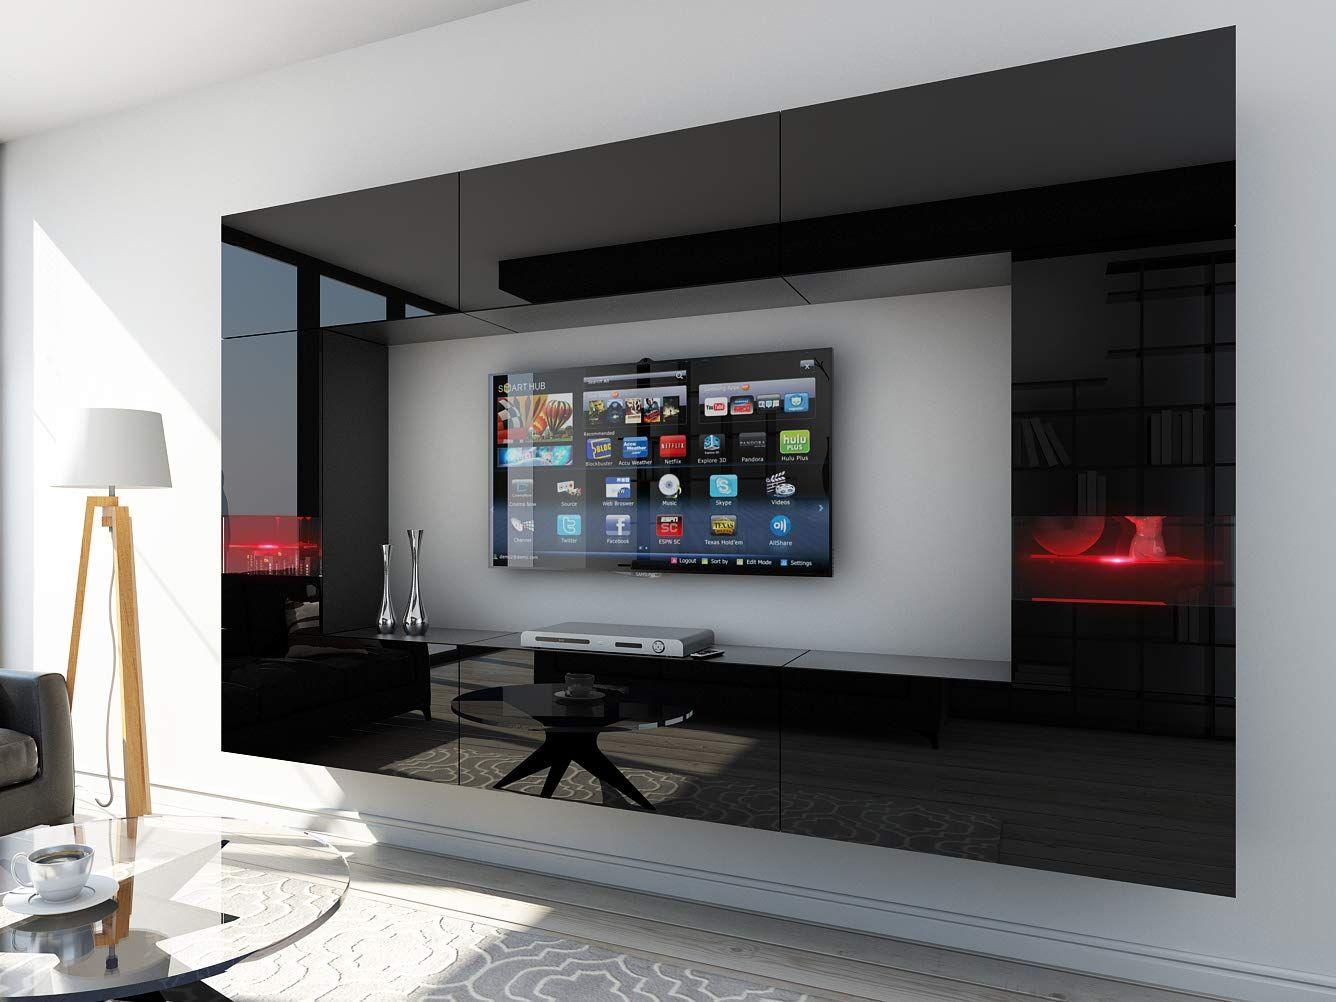 Homedirectltd Future 29 Moderne Wohnwand Exklusive Mediamobel Tv Schrank Schrankwand Tv Element Anbauwand Garnitur Grosse Wohnen Medien Mobel Wohnung